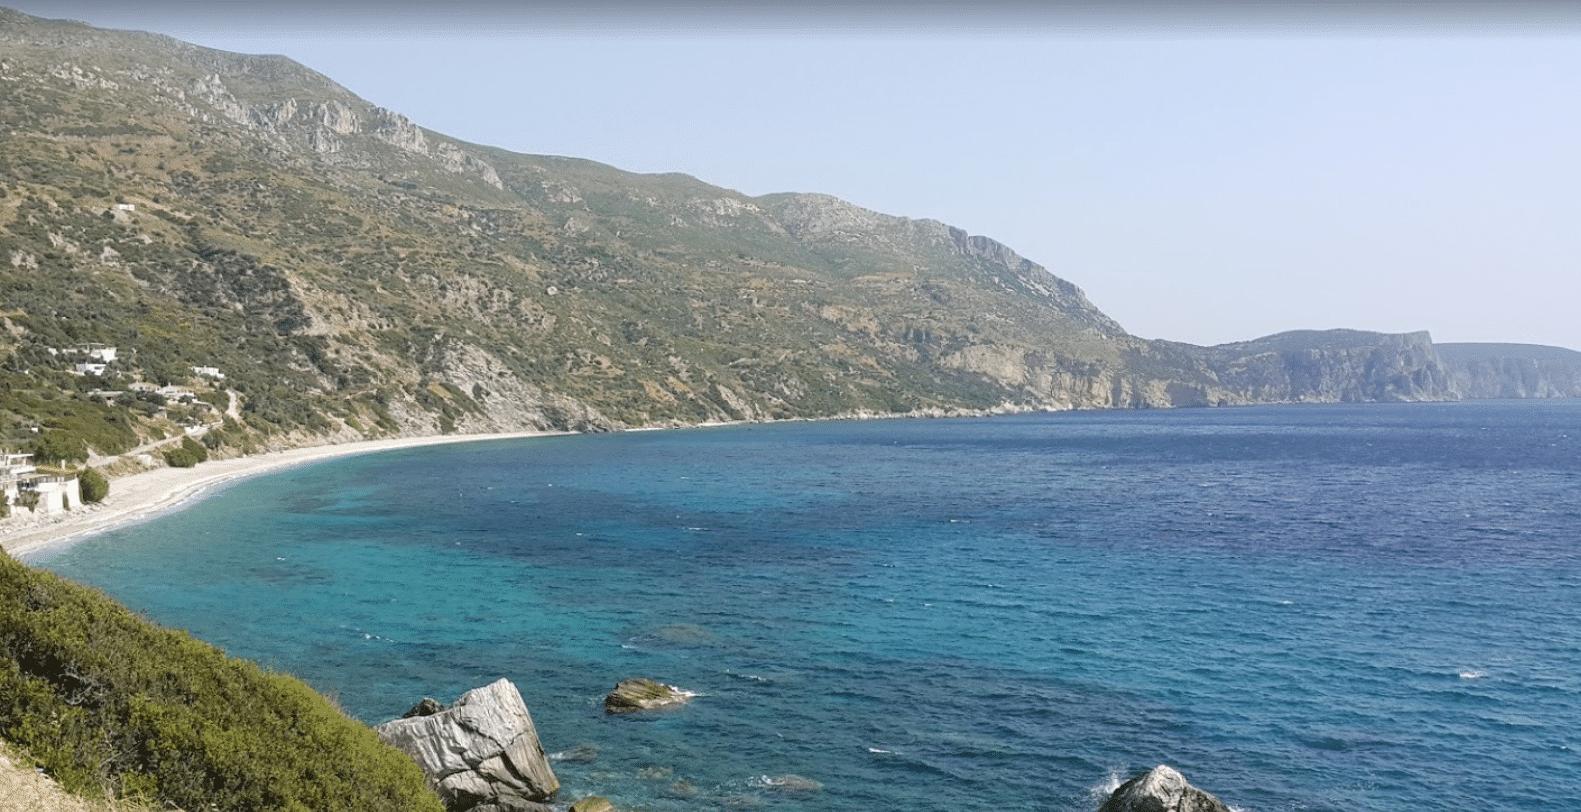 Εύβοια: Κοντινές και όμορφες παραλίες για μονοήμερη